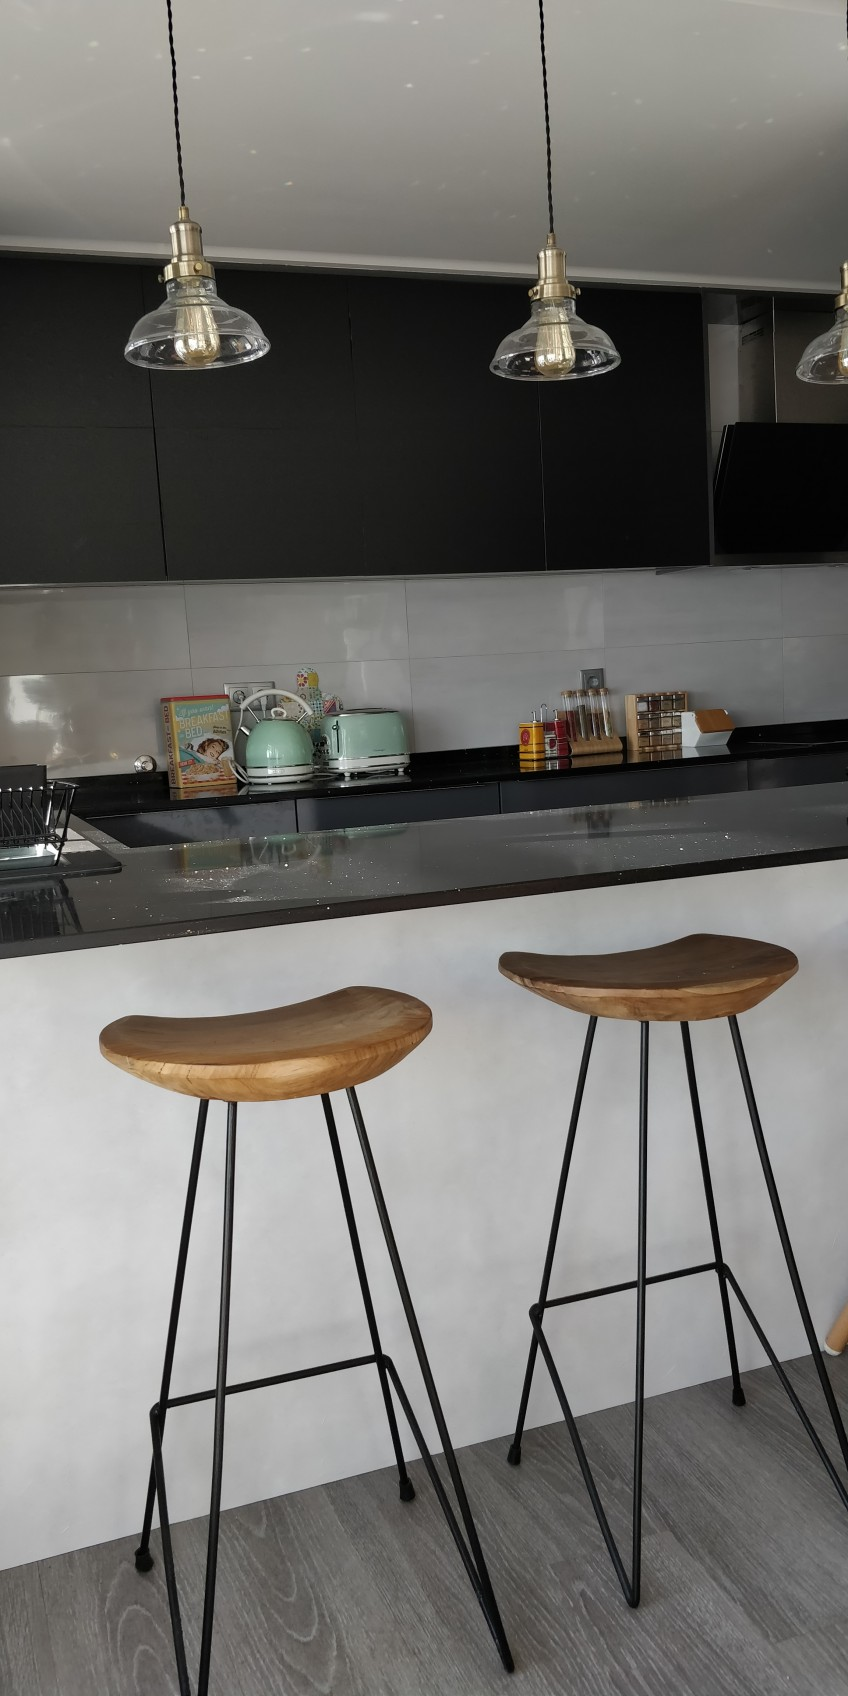 Cocina-oscura-renovada-con-vinilo-lavable-de-textura-hormigon-gris-claro-lokoloko